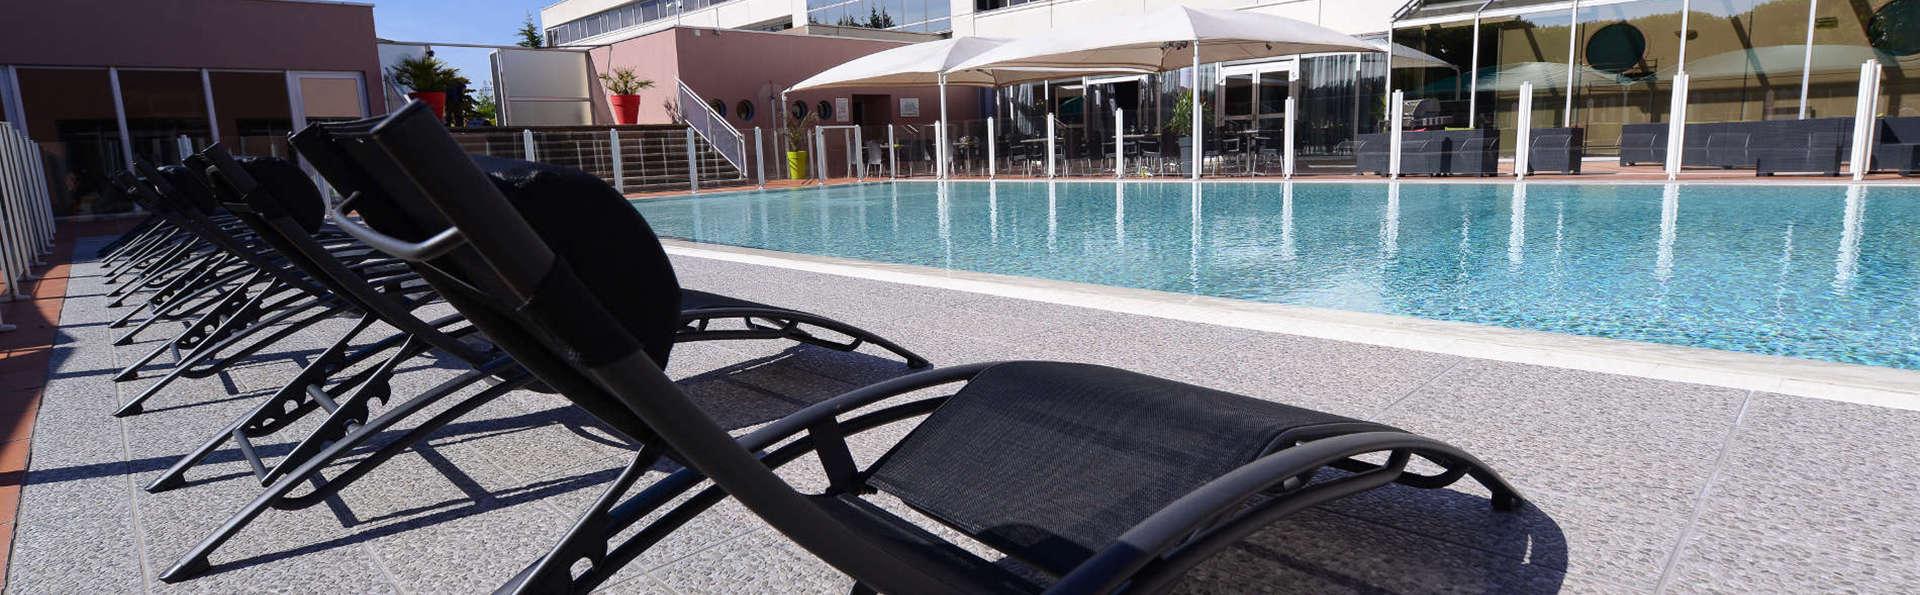 Best Western Plus Hôtel Admiral - EDIT_pool1.jpg